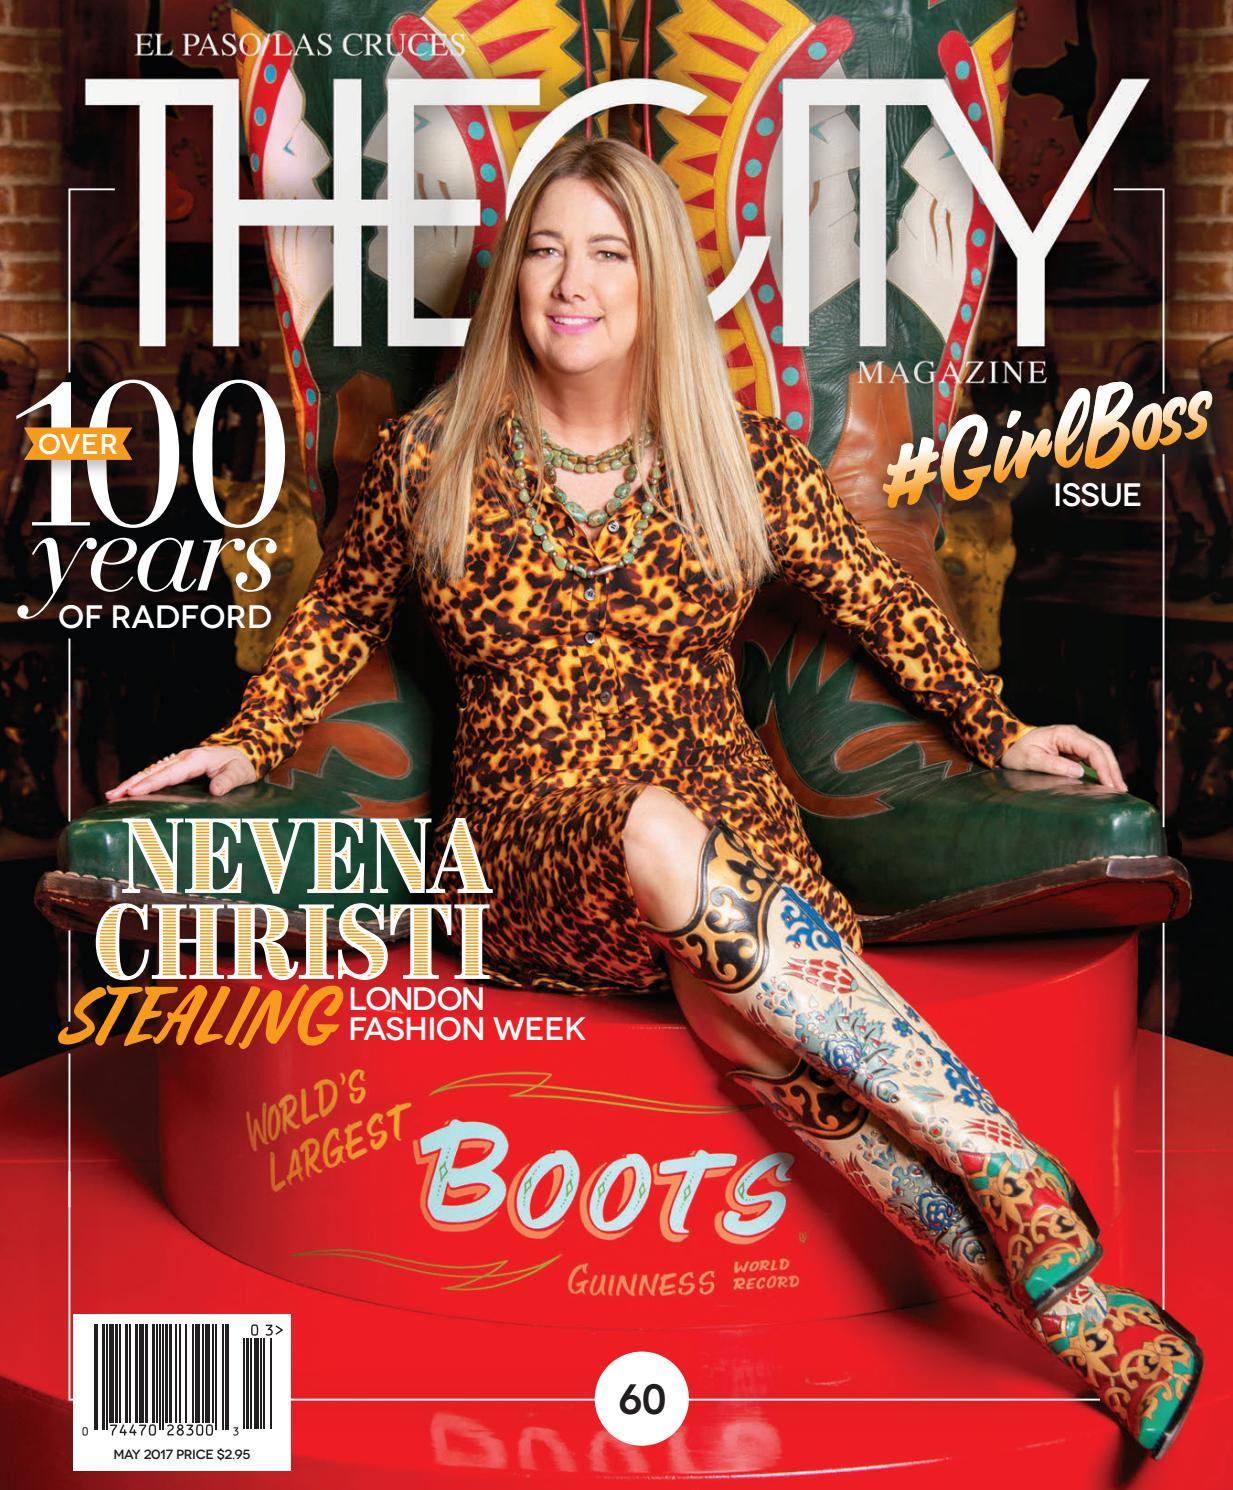 thecity magazine el paso may 2017 by thecity magazine el paso las